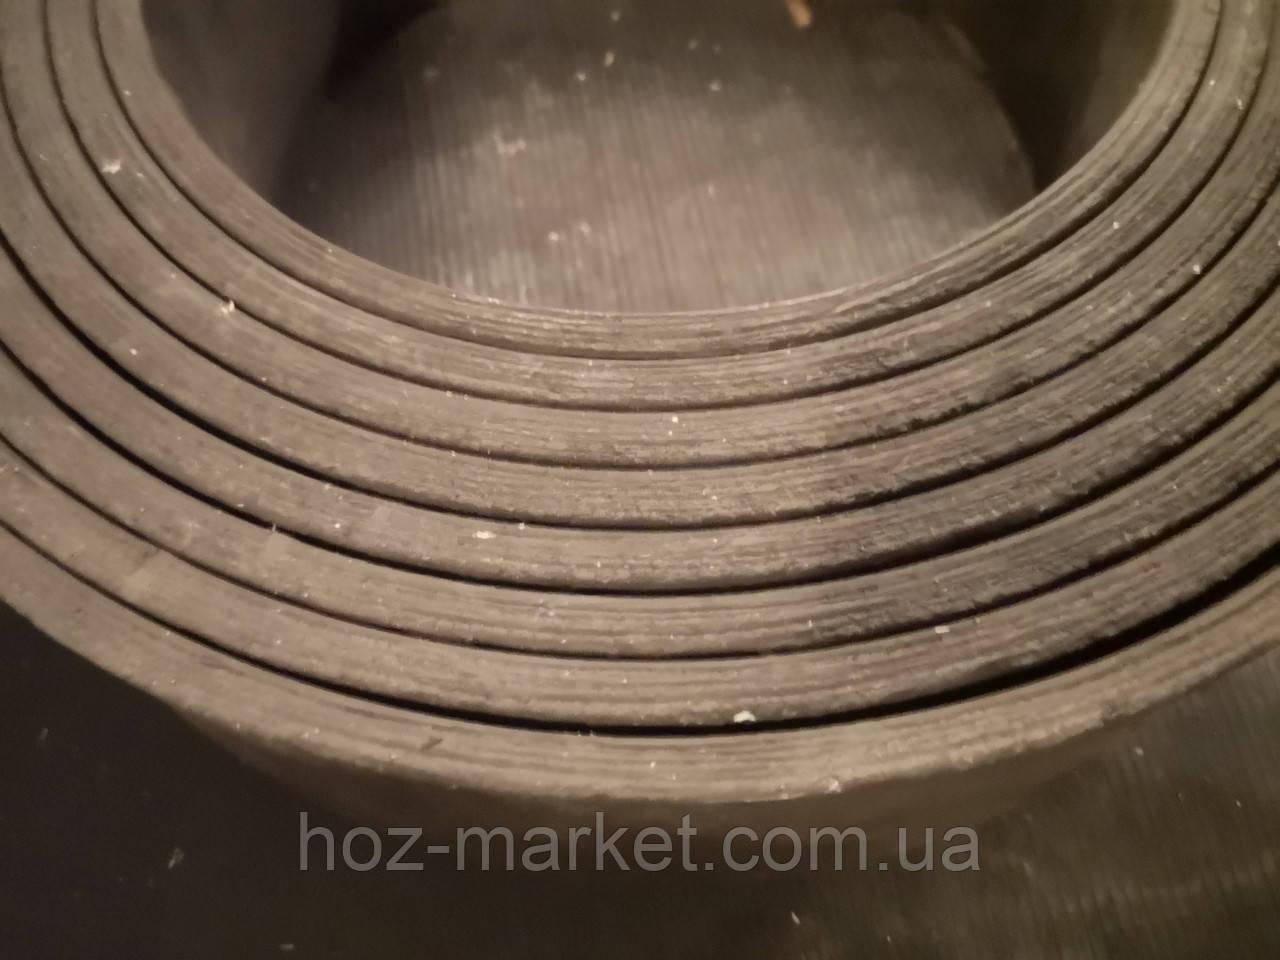 Тормозная лента ЭМ 10х160мм ГОСТ 15960-79(бухта 8м.пог)